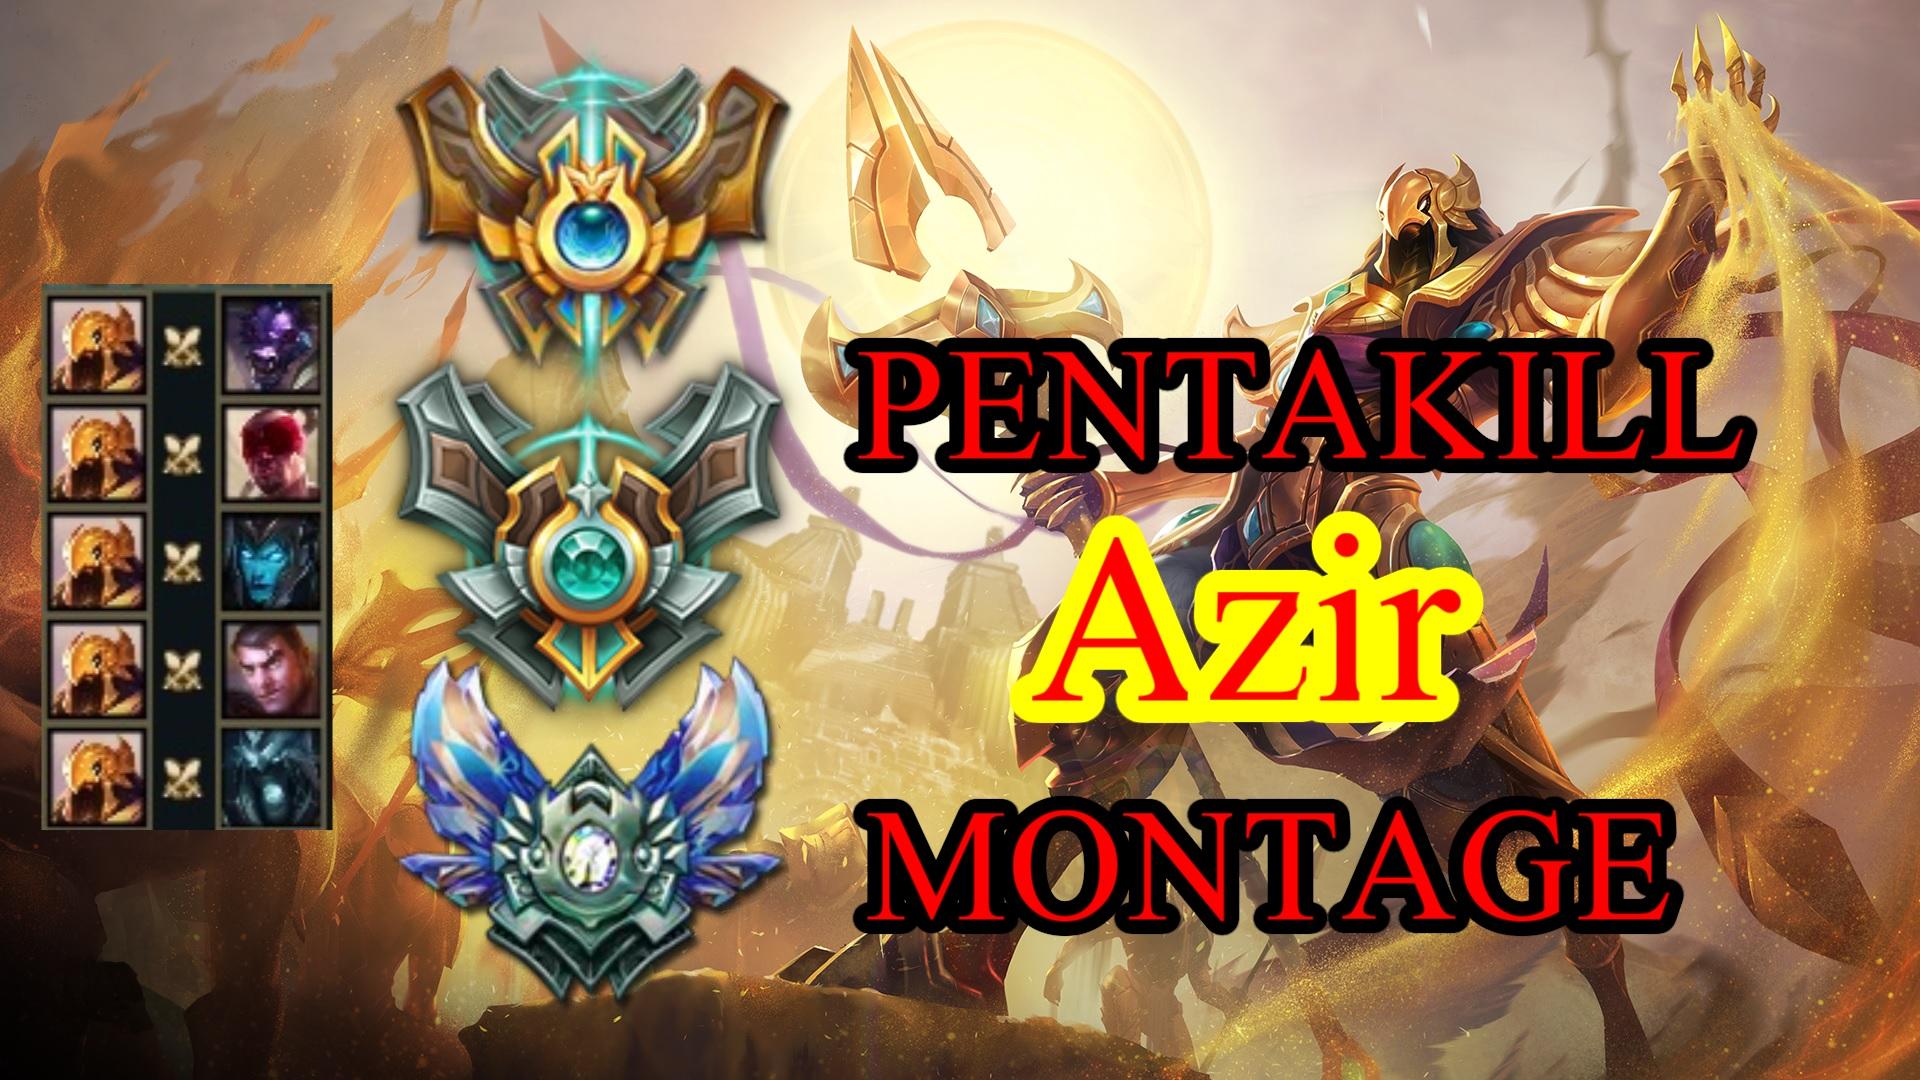 アジール-ペンタキル-モンタージュ-プレシーズン8